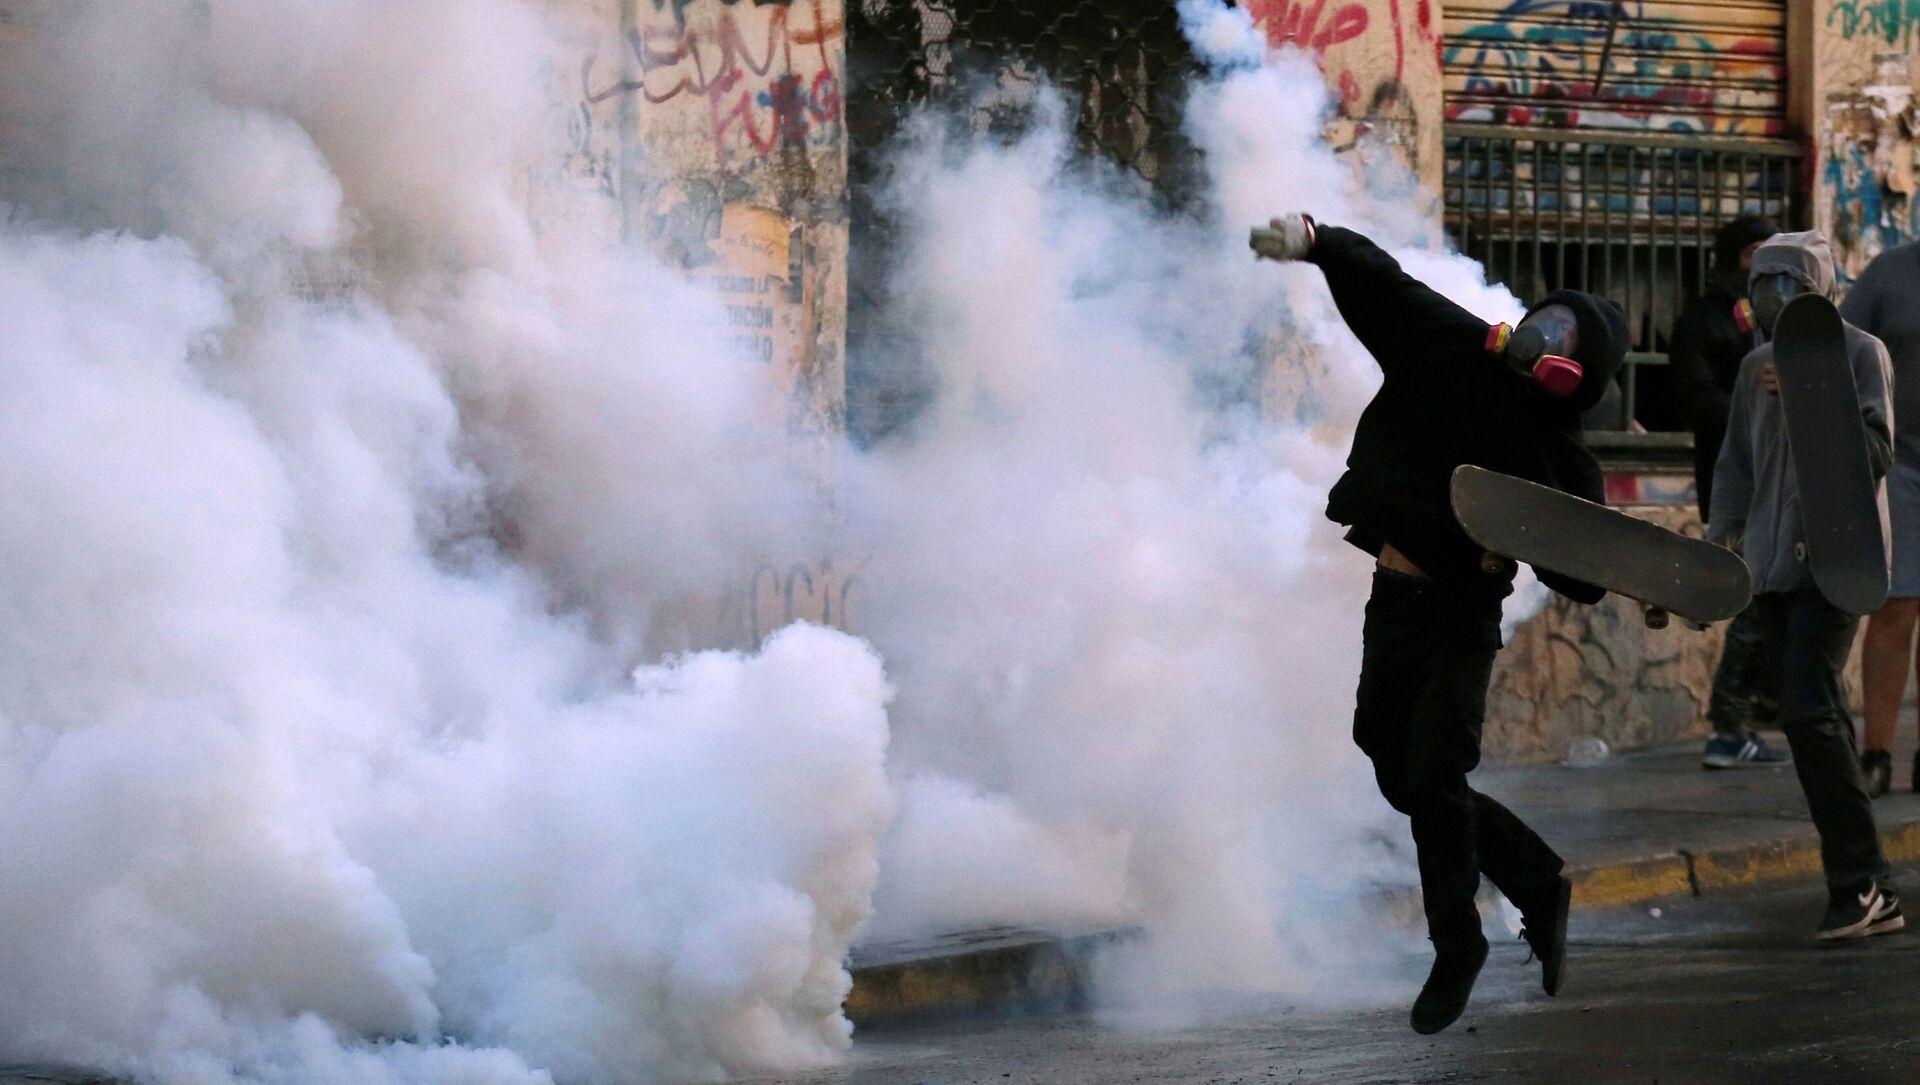 Las protestas en Chile  - Sputnik Mundo, 1920, 27.02.2020